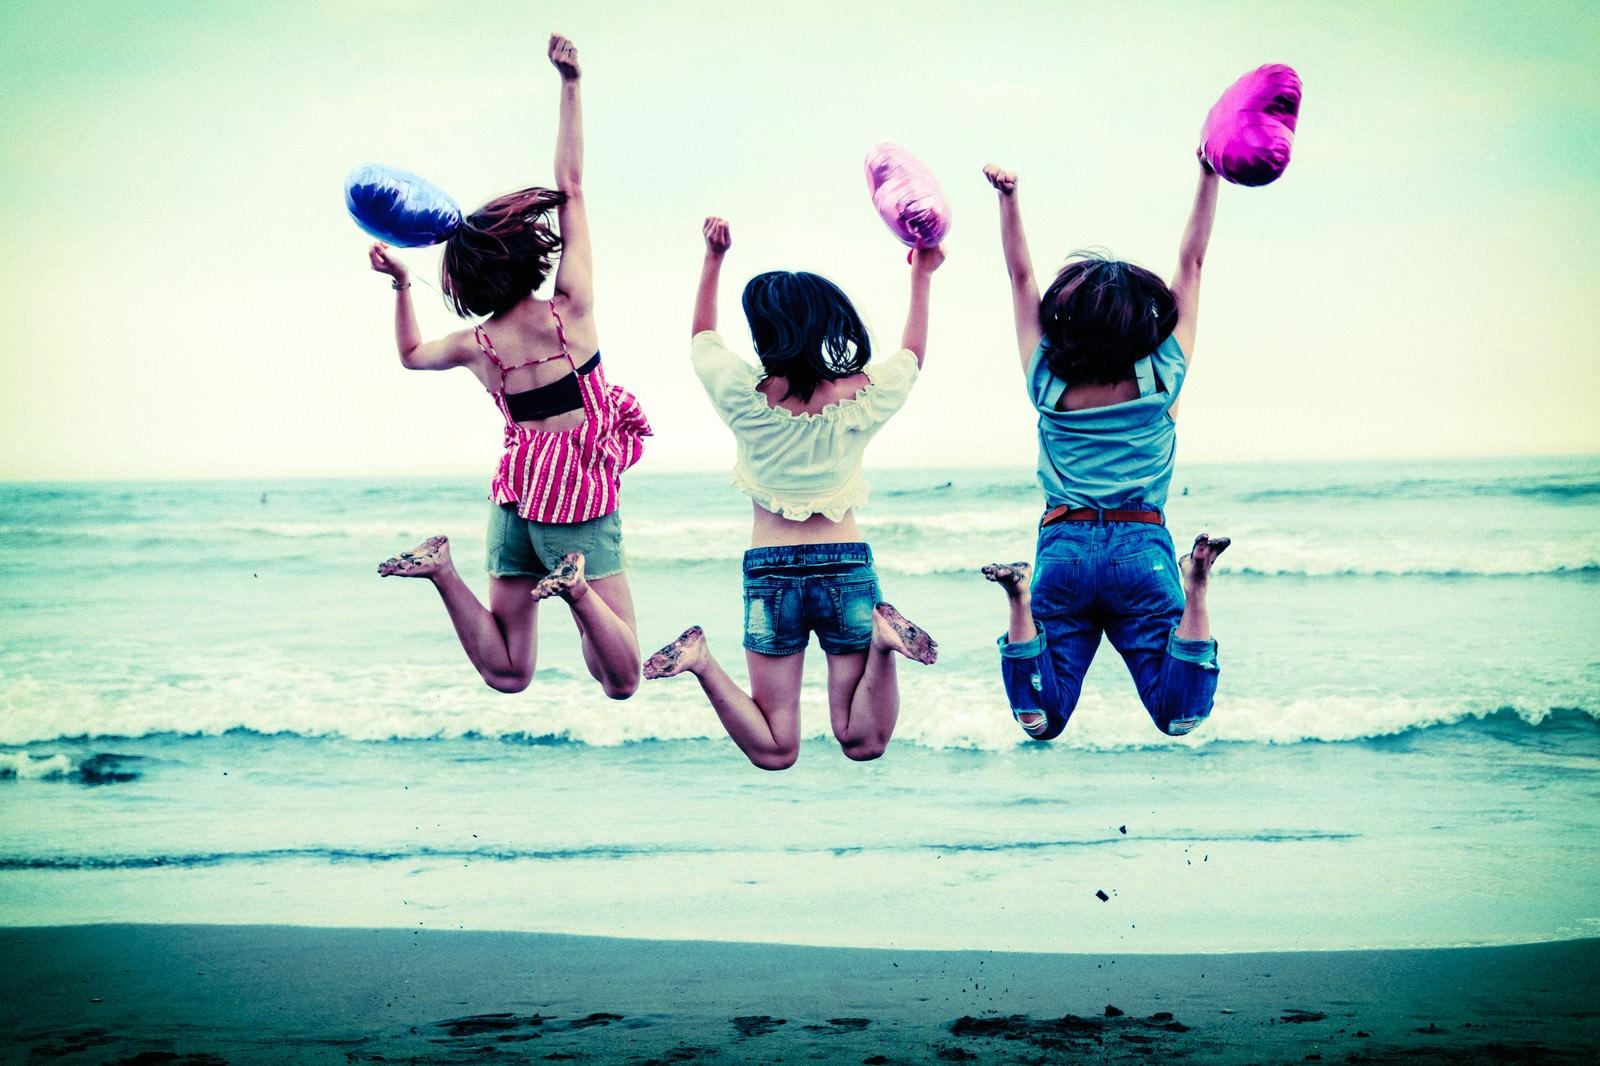 「波打ち際でジャンプするハッピーな若い女性三人組」